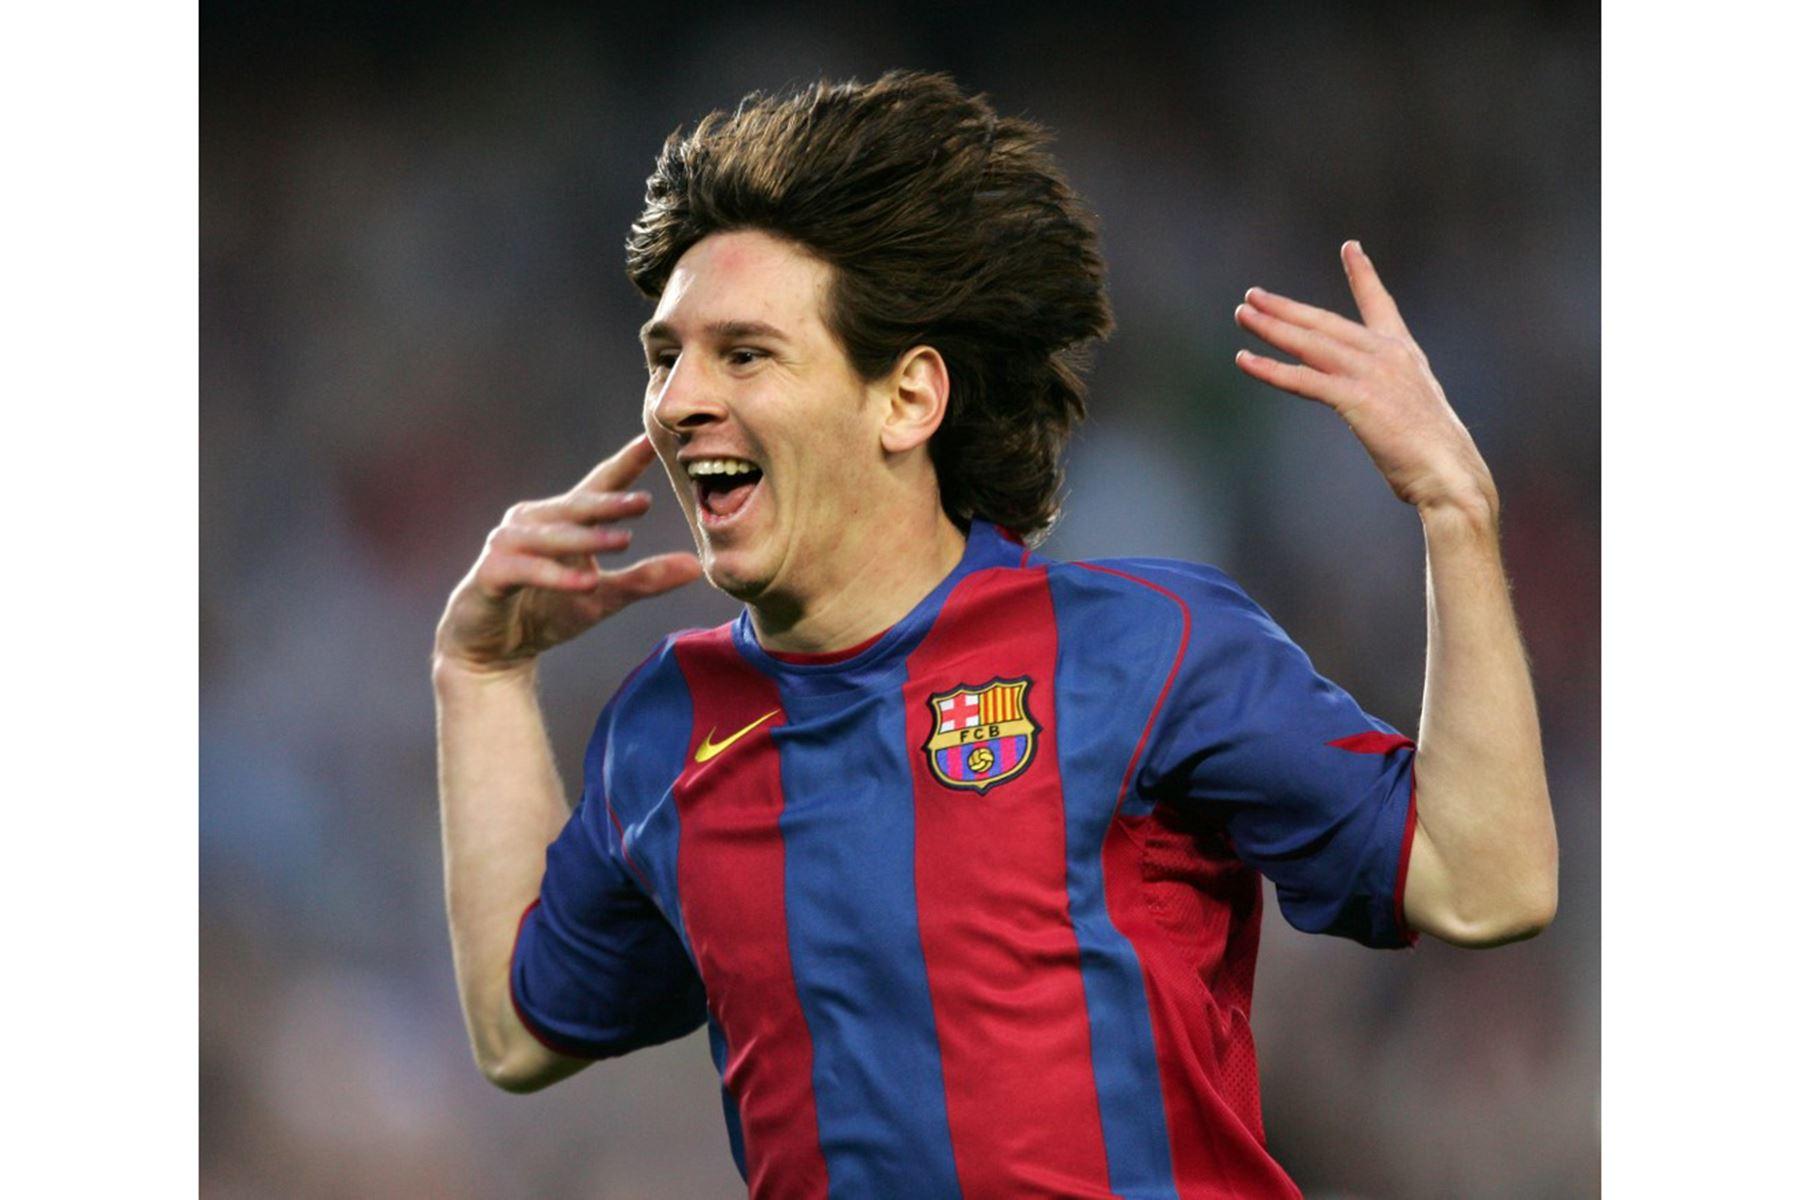 Lionel Messi celebra su primer gol con la camiseta del Barcelona. El argentino anotó un gol en el partido contra el Albacete por Liga española en el estadio Camp Nou el 1 de mayo de 2005. El FC Barcelona ganó 2-0. Foto: AFP